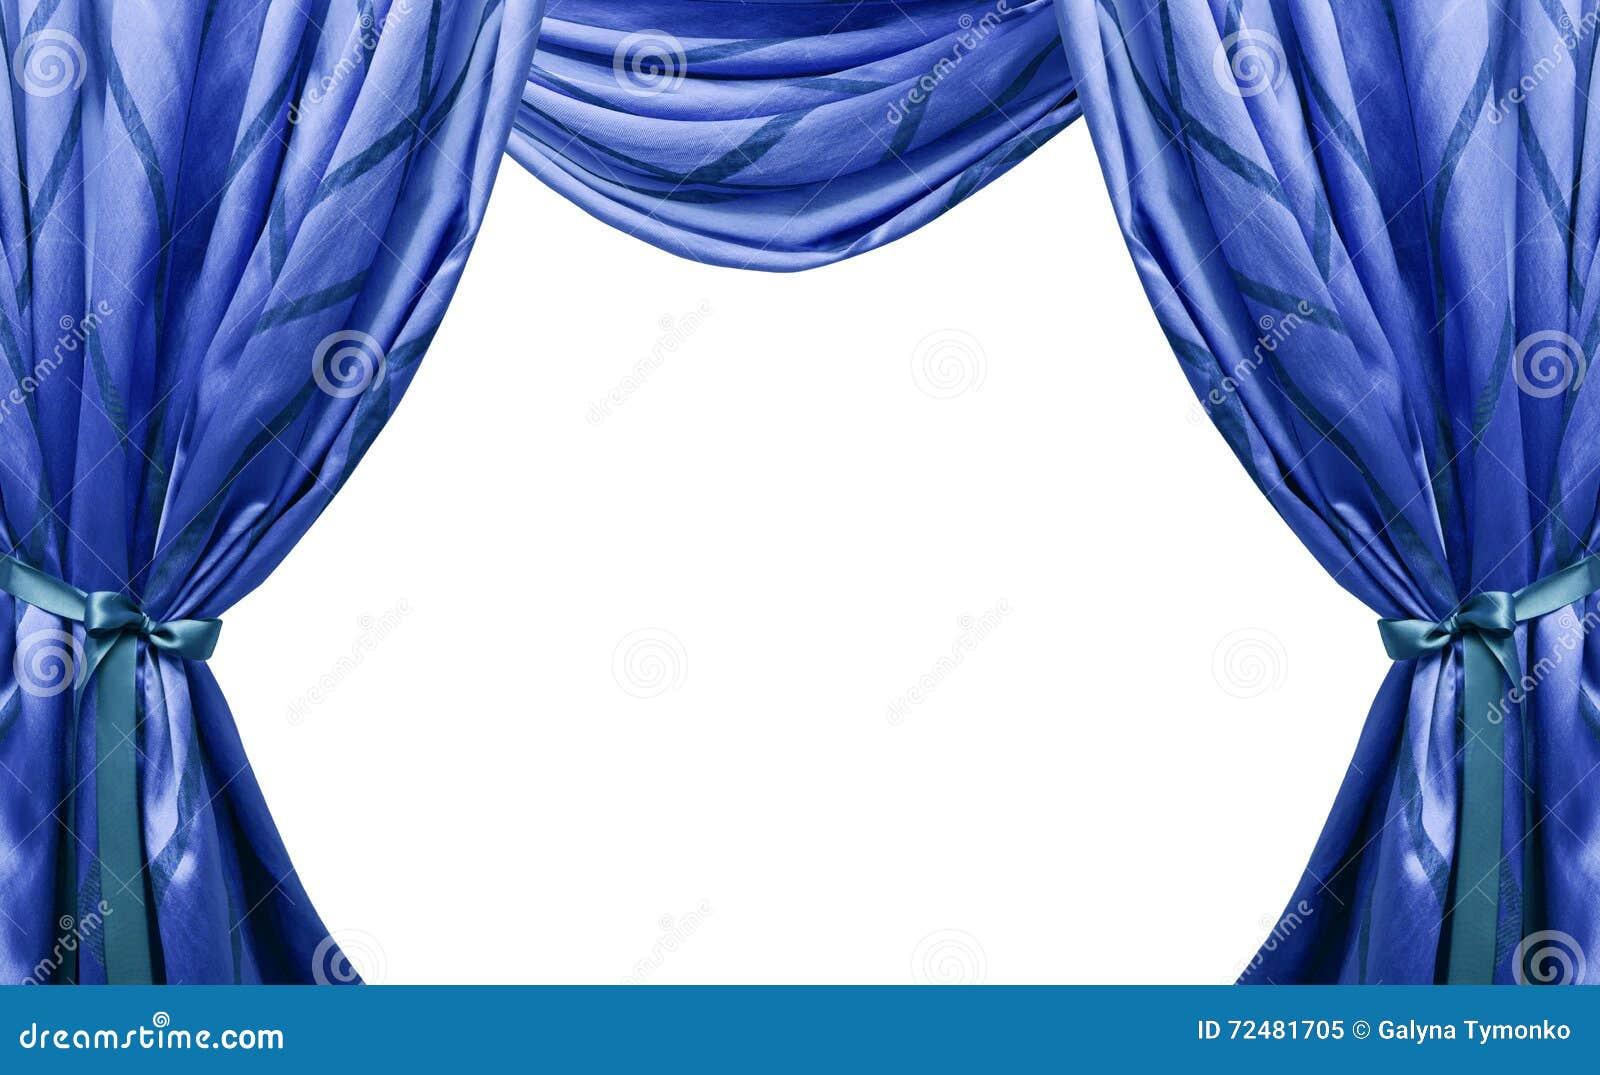 Cortinas azules hermosas aisladas en el fondo blanco for Cortinas azules baratas